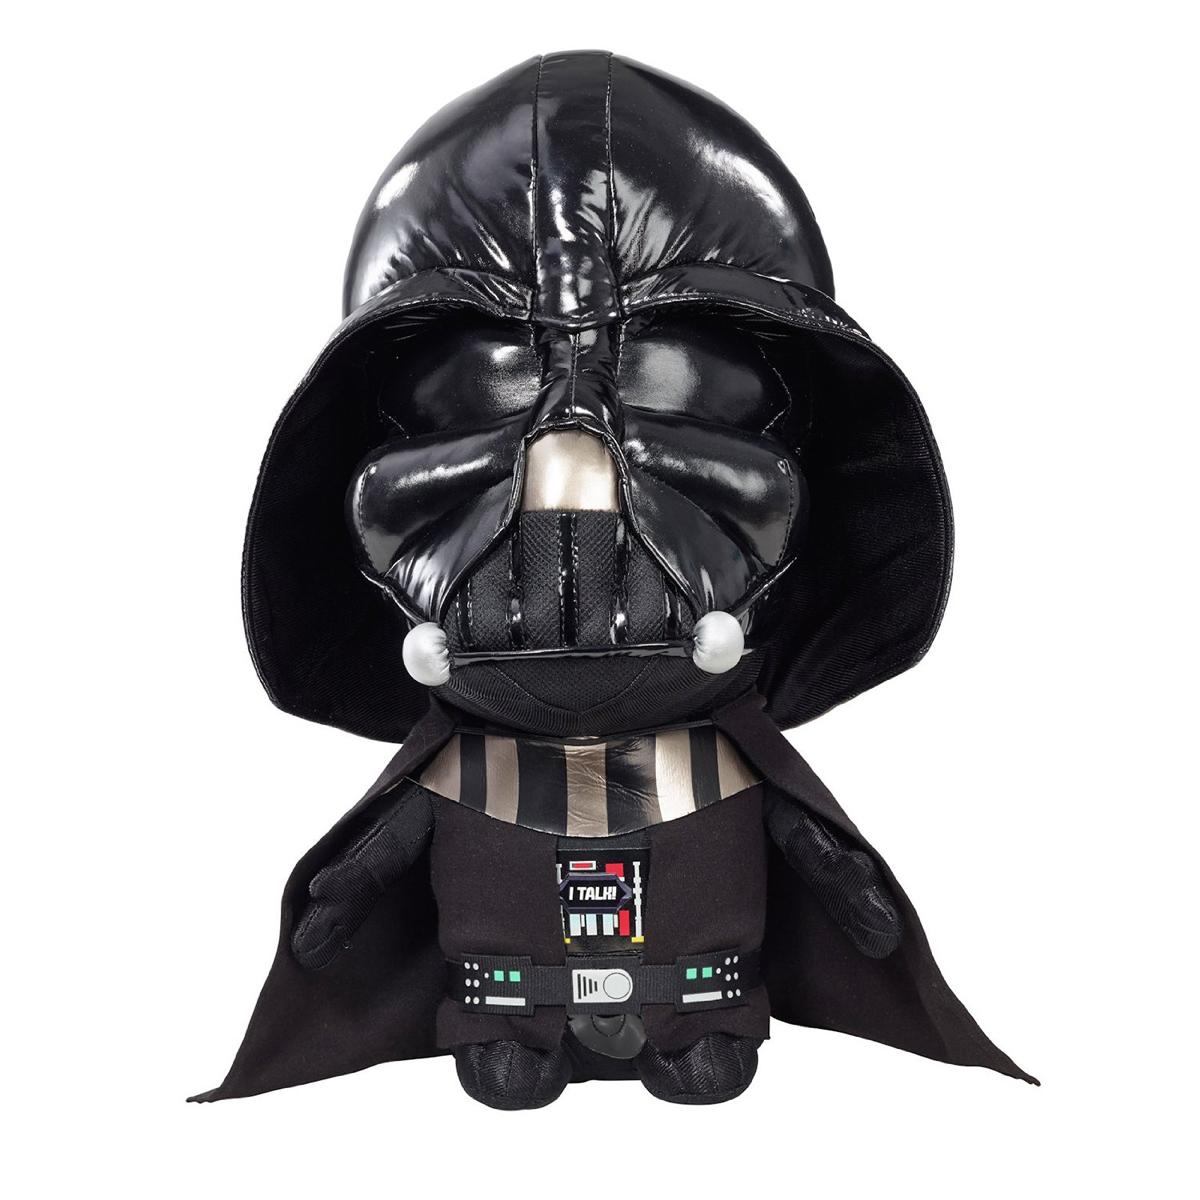 Озвученная мягкая игрушка серии StarWars  Дарт Вейдер - Игрушки Star Wars (Звездные воины), артикул: 116666